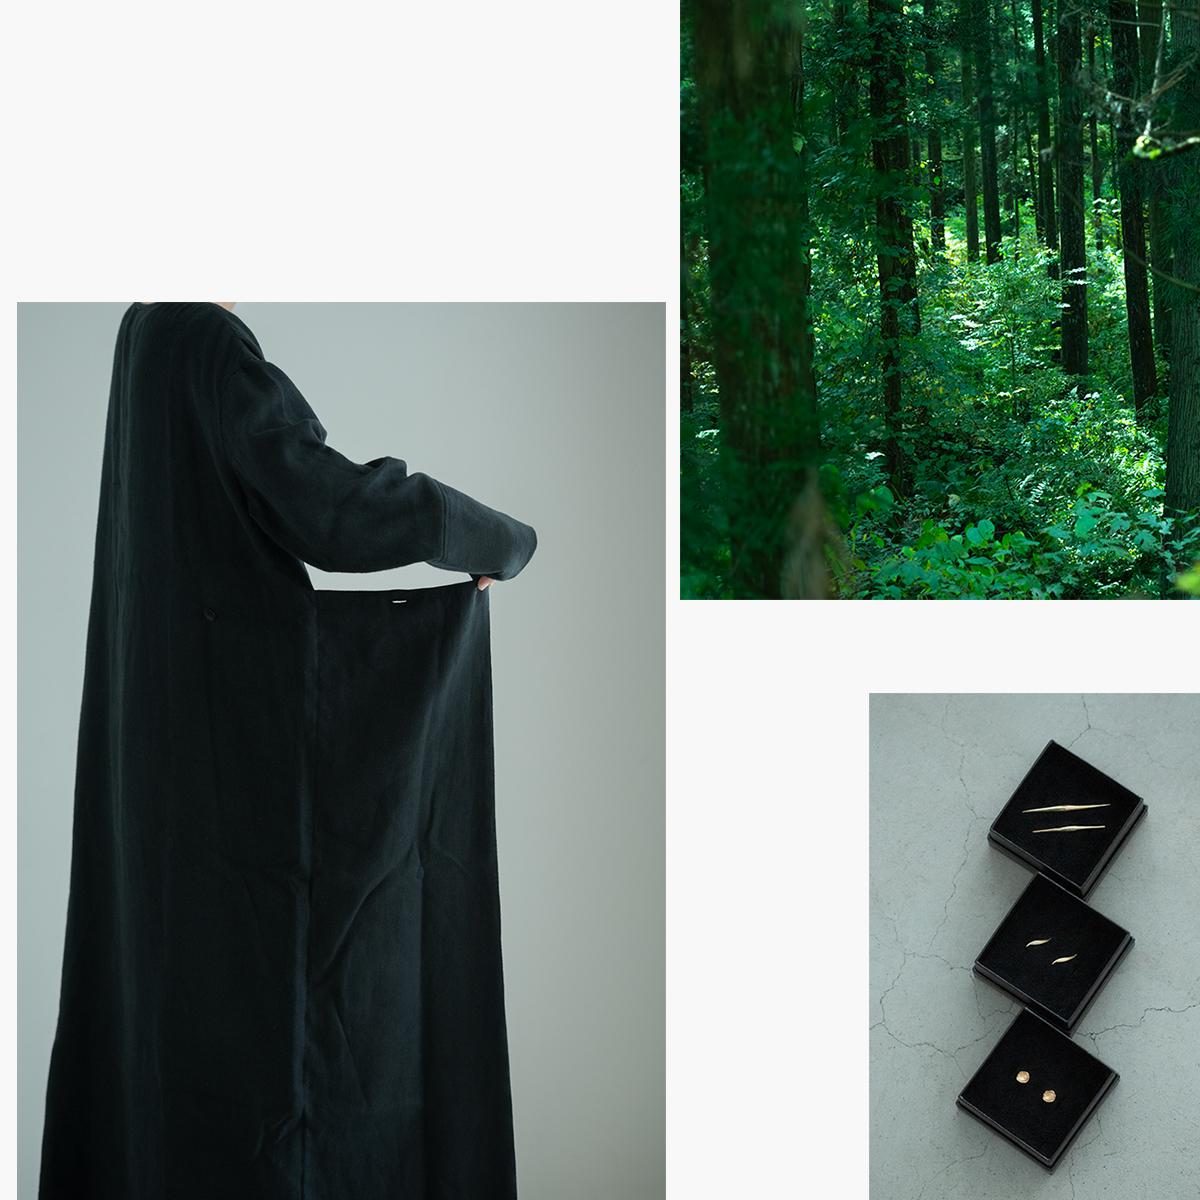 __ito__ / Lump / MILIS CRANN Online Exhibition